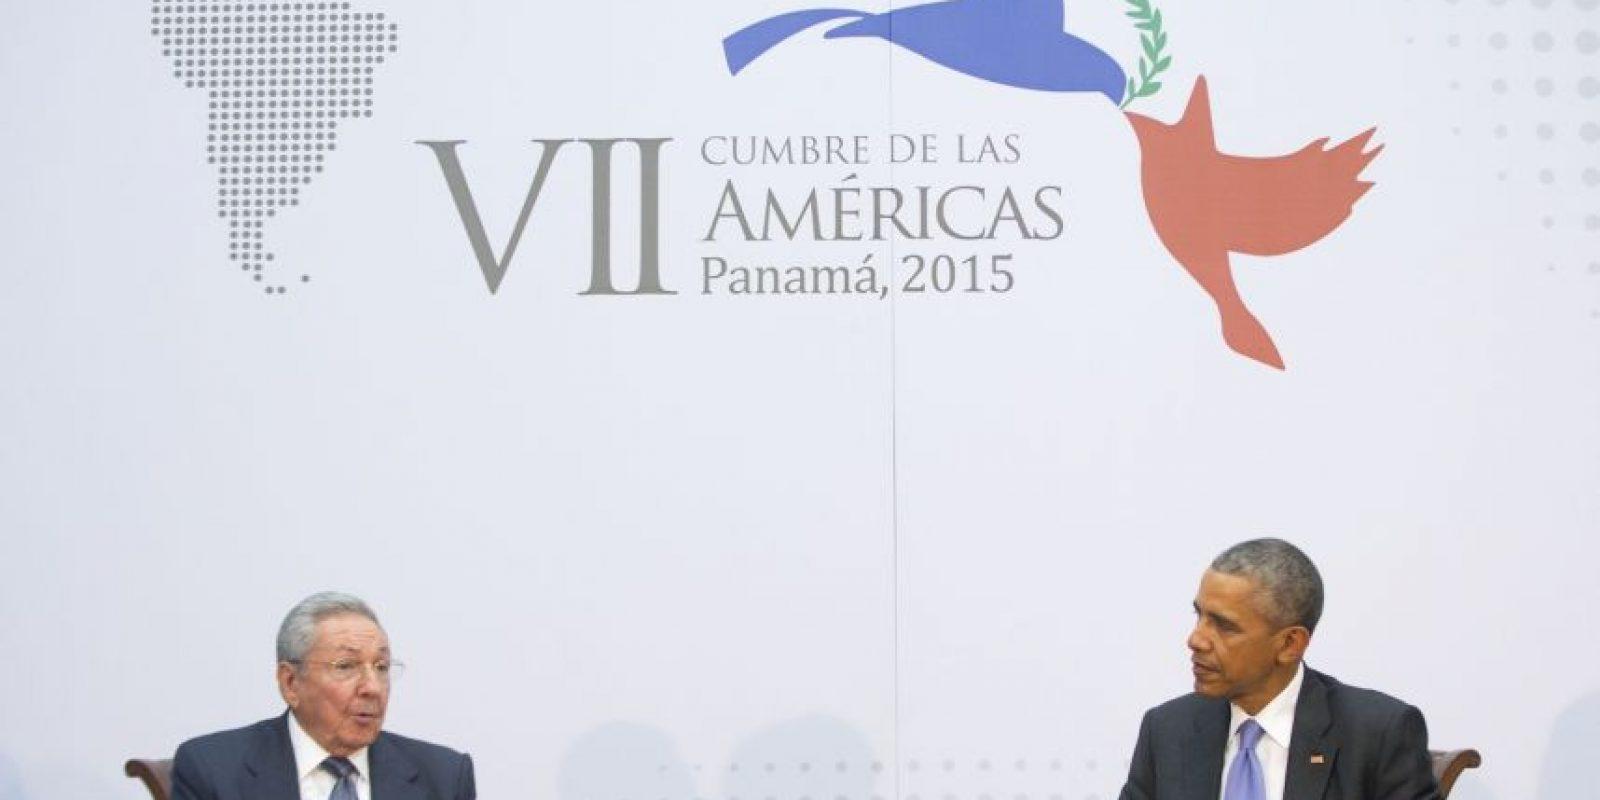 Diversas aerolíneas han anunciado su interés en realizar vuelos desde Estados Unidos a Cuba. Recientemente la aerolínea Jetblue anunció que a partir de julio realizarán vuelos comerciales a La Habana desde Nueva York. Foto:AP